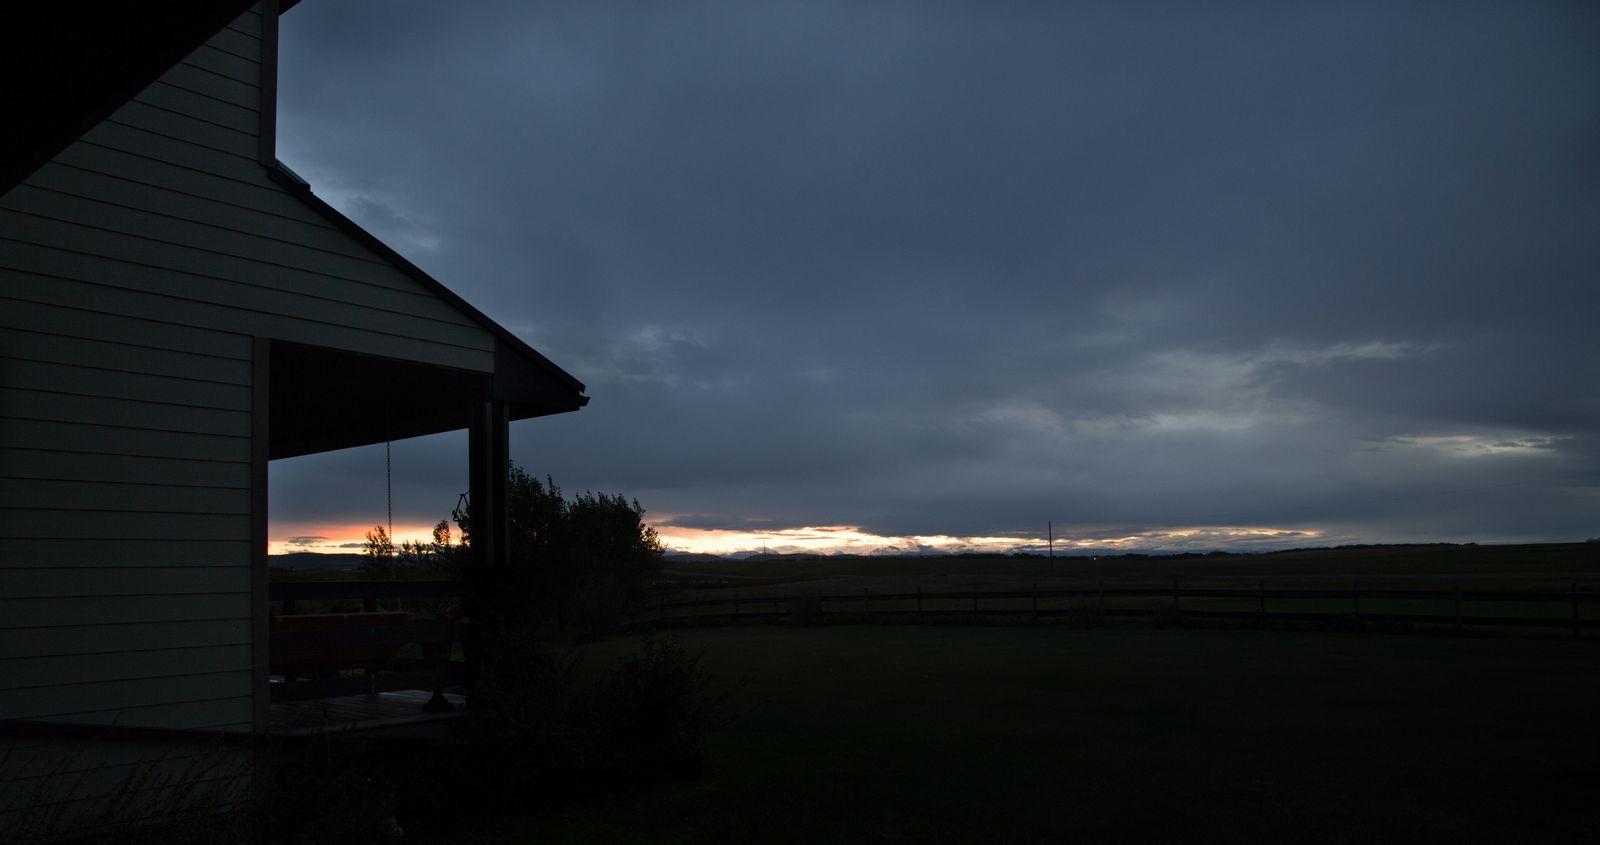 Llegan las nubes para ver el amanecer